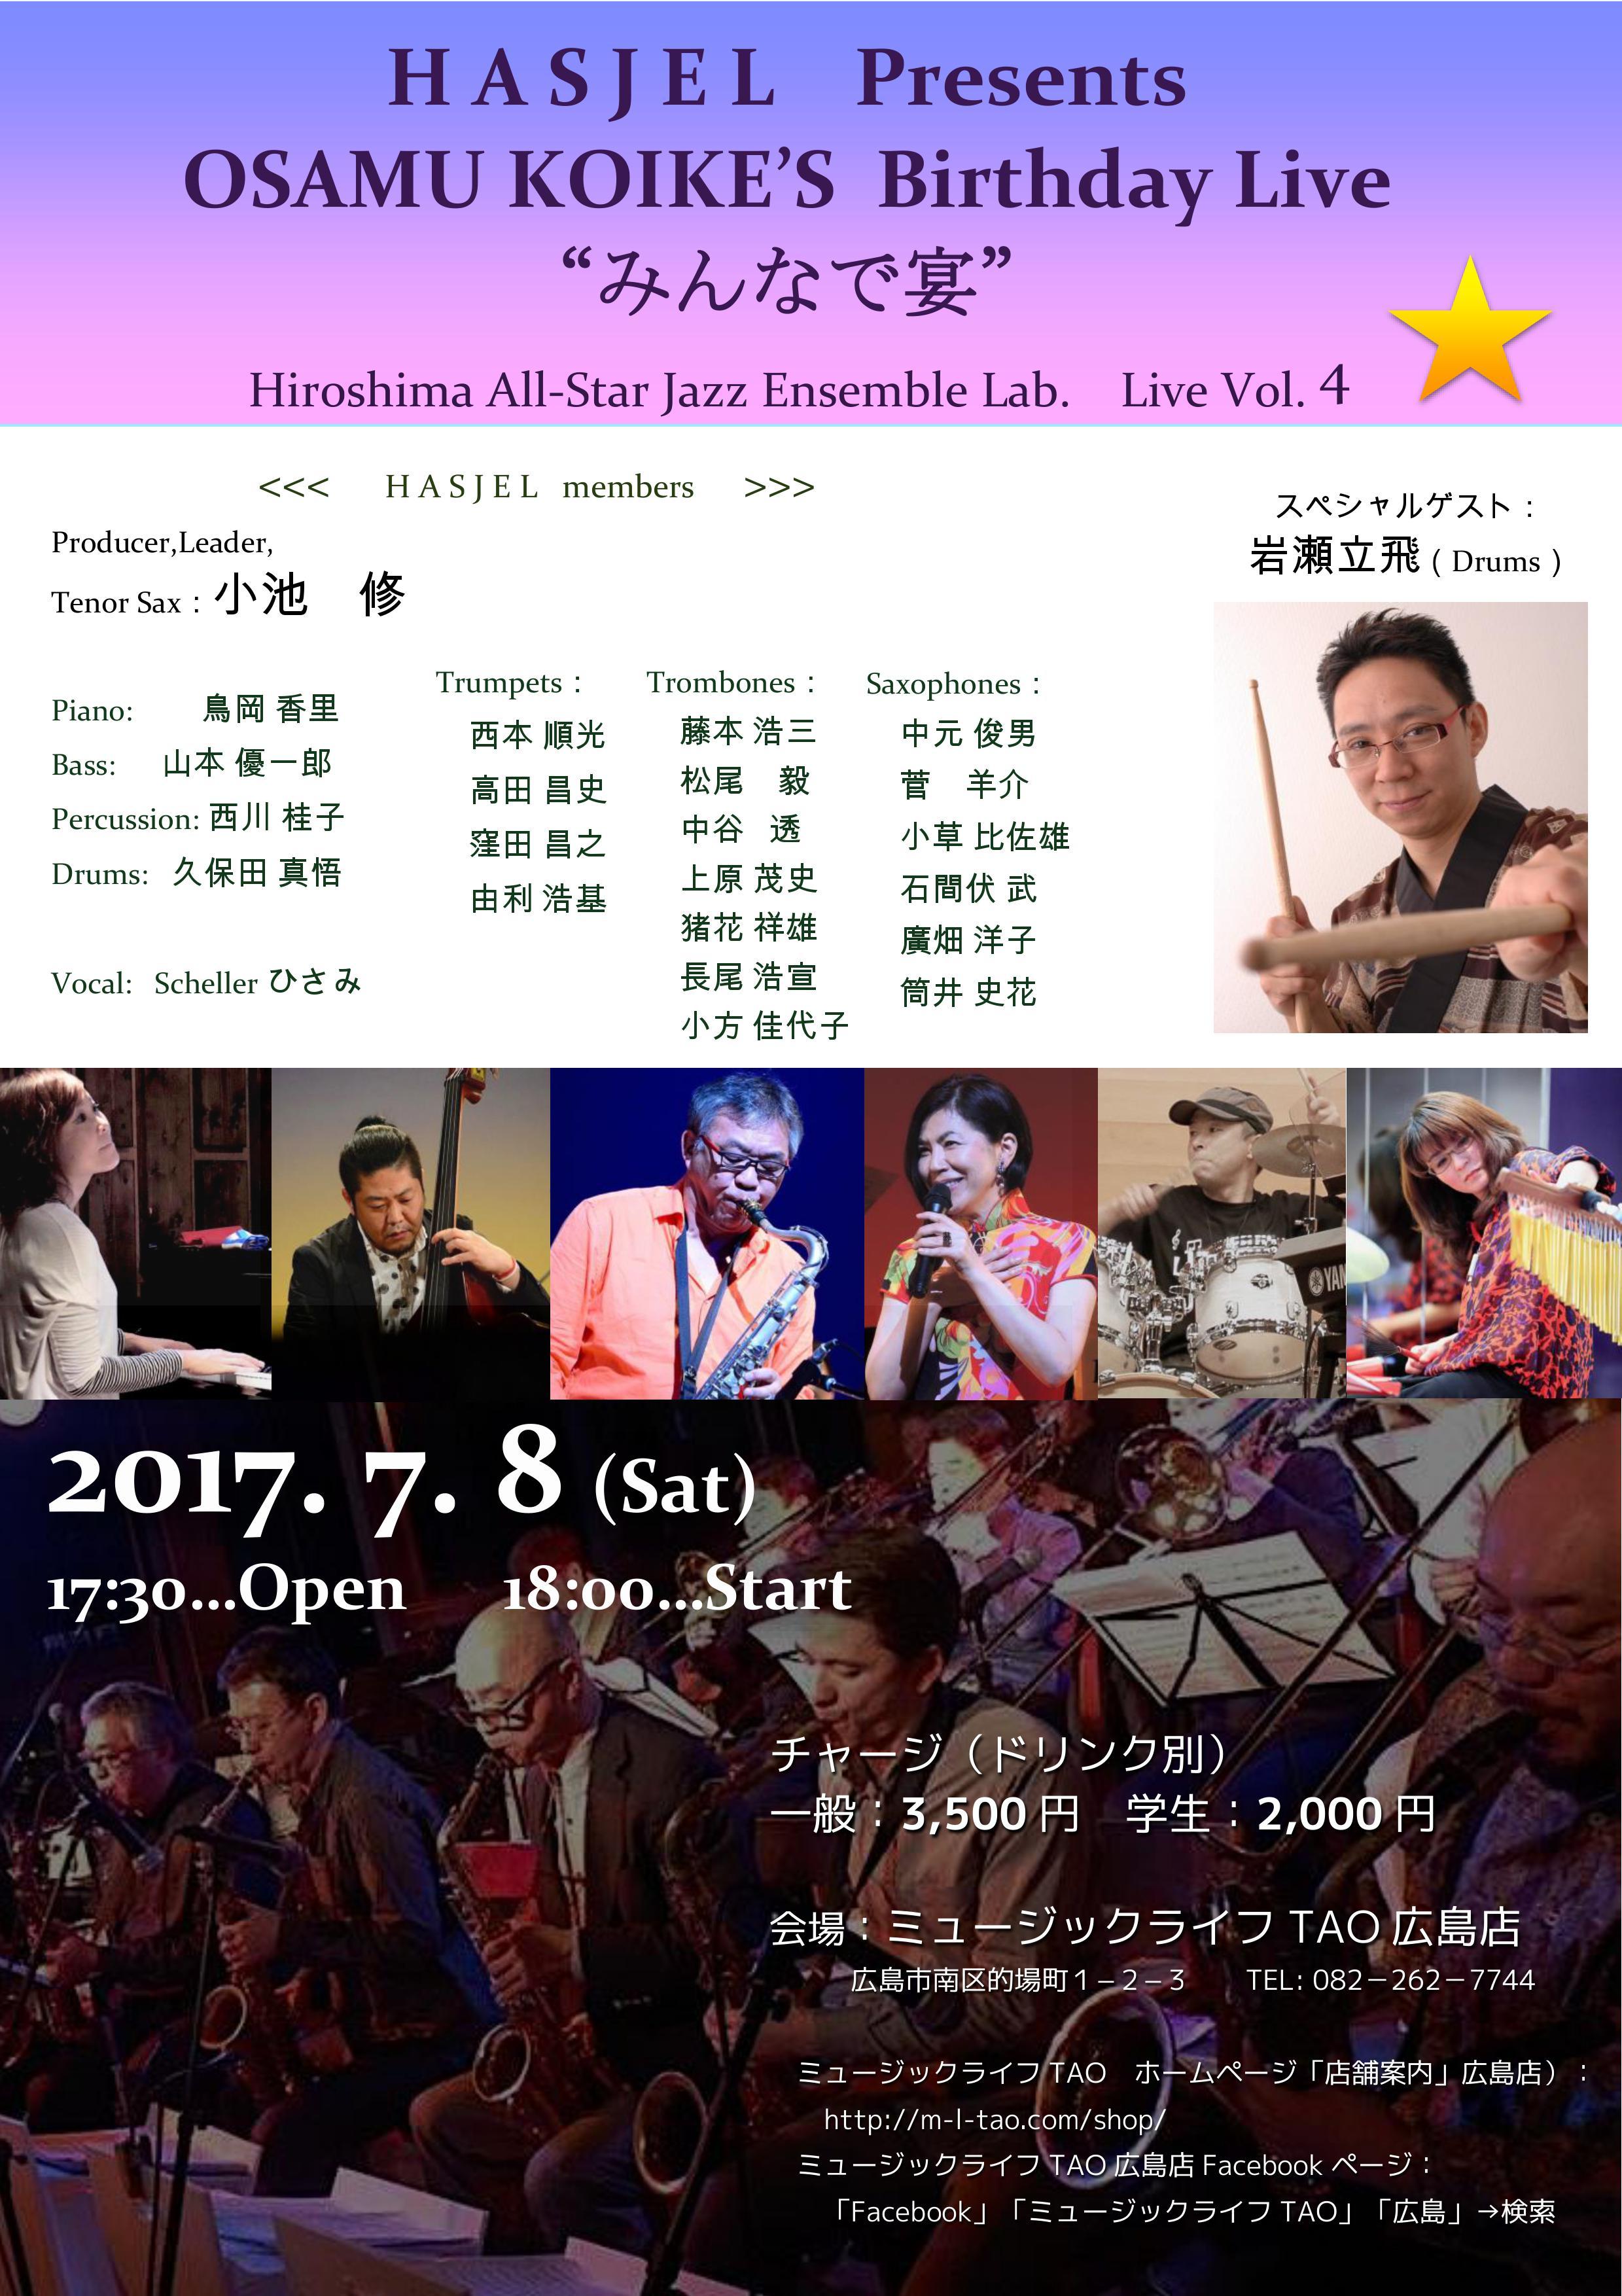 """H A S J E L    Presents  OSAMU KOIKE'S  Birthday Live """"みんなで宴"""""""